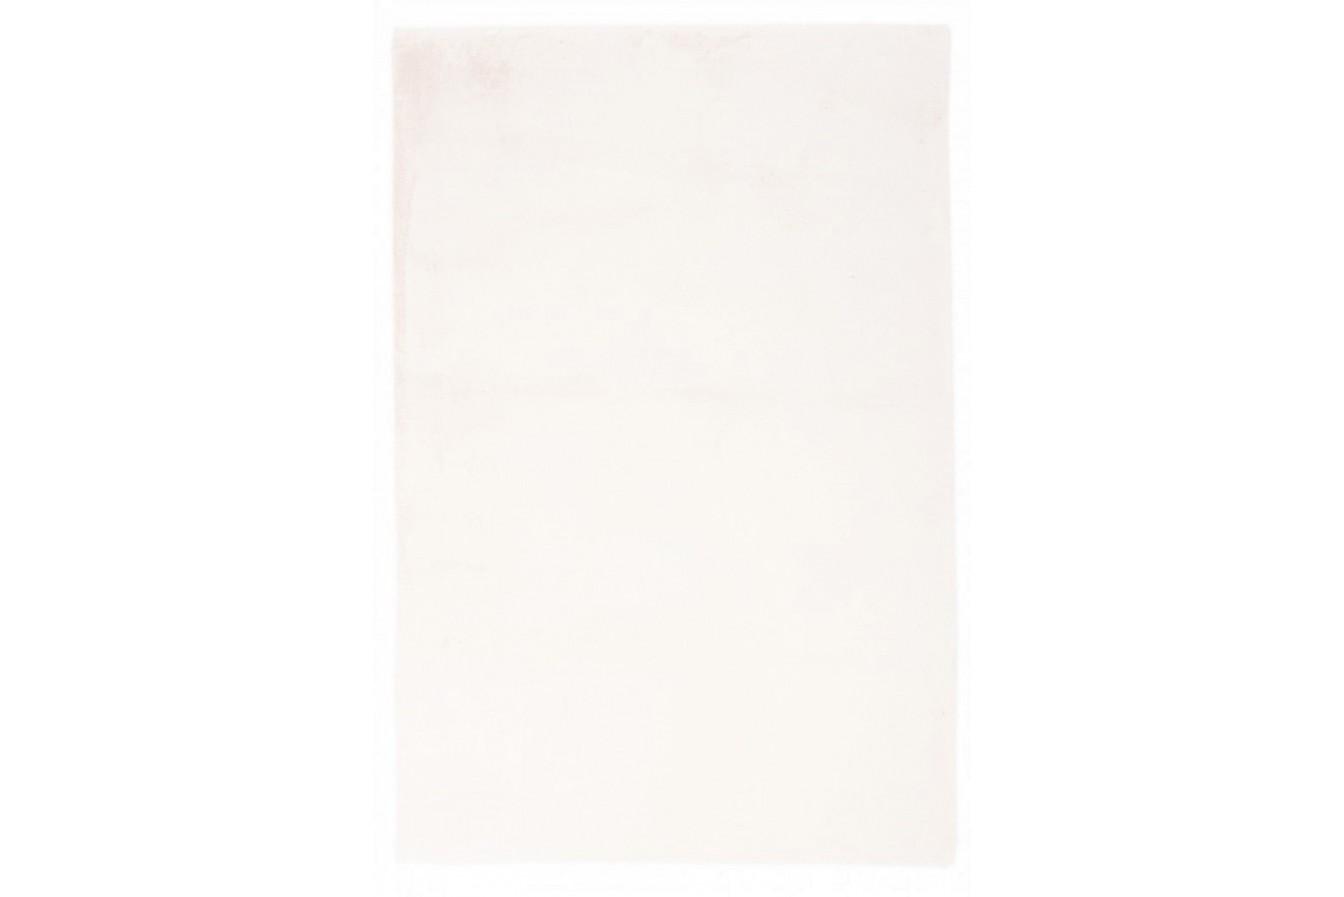 Sztuczne Futro Biały Dywan Obsession Cha Cha 535 White